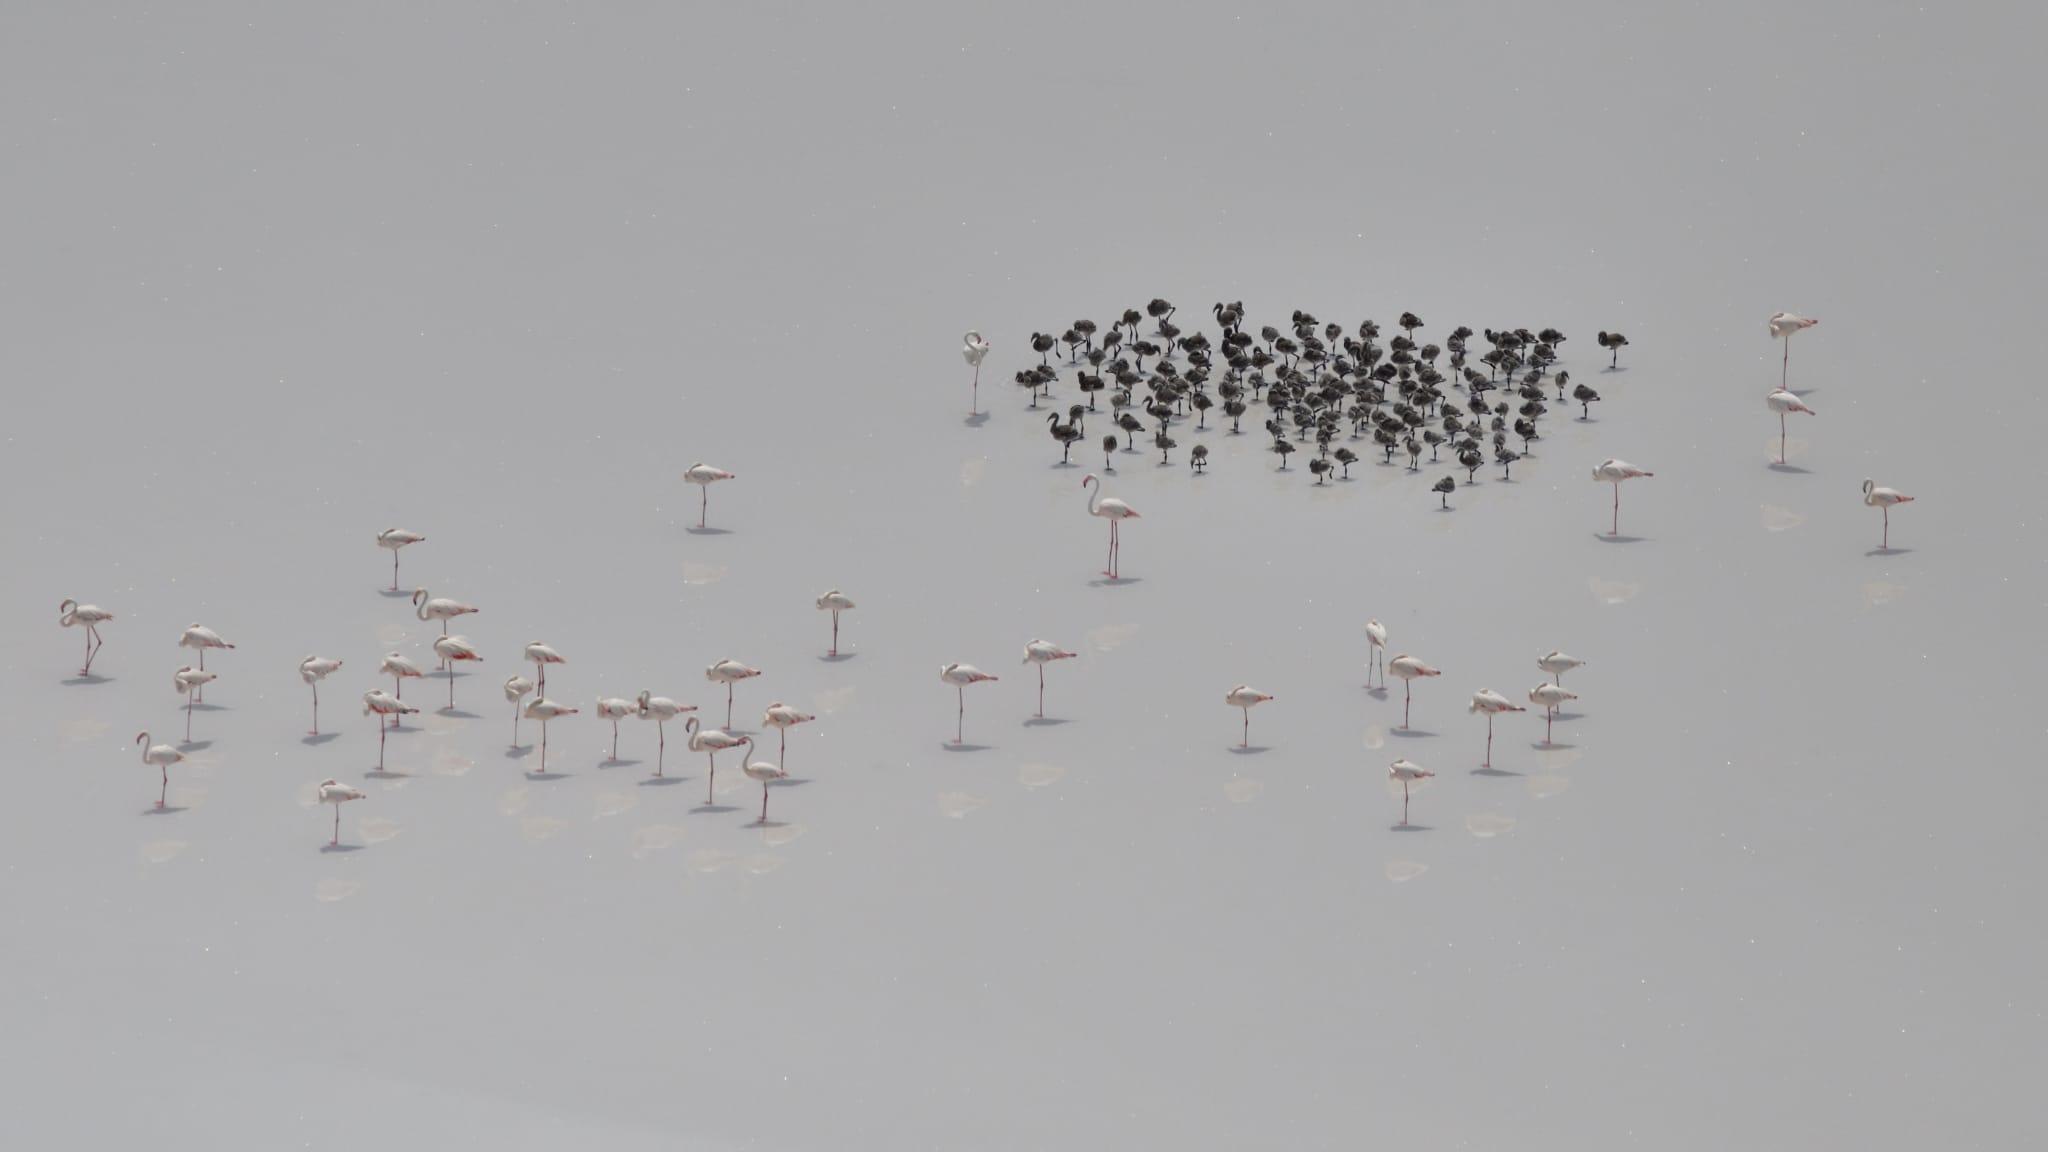 tuz-golunun-yavru-flamingolari-yumurtadan-cikti-001.jpg